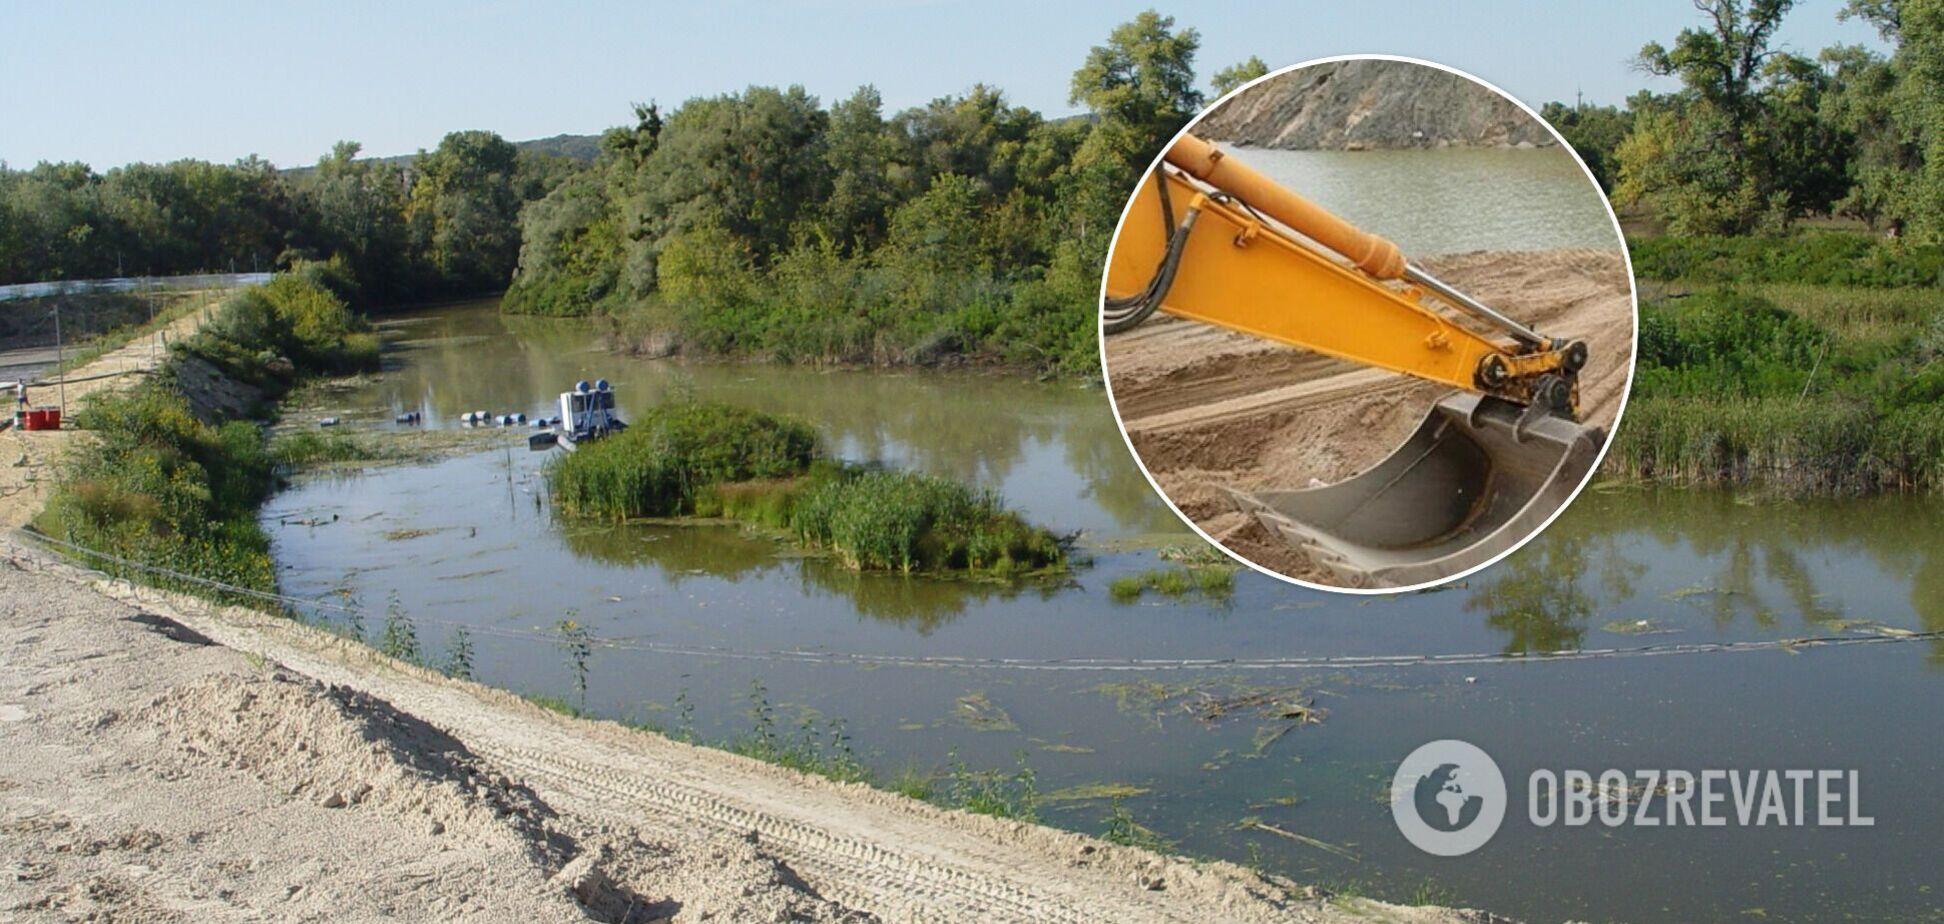 Прокуратура проводит следственные действия в митечку у реки Конек из-за нелегальной добычи песка